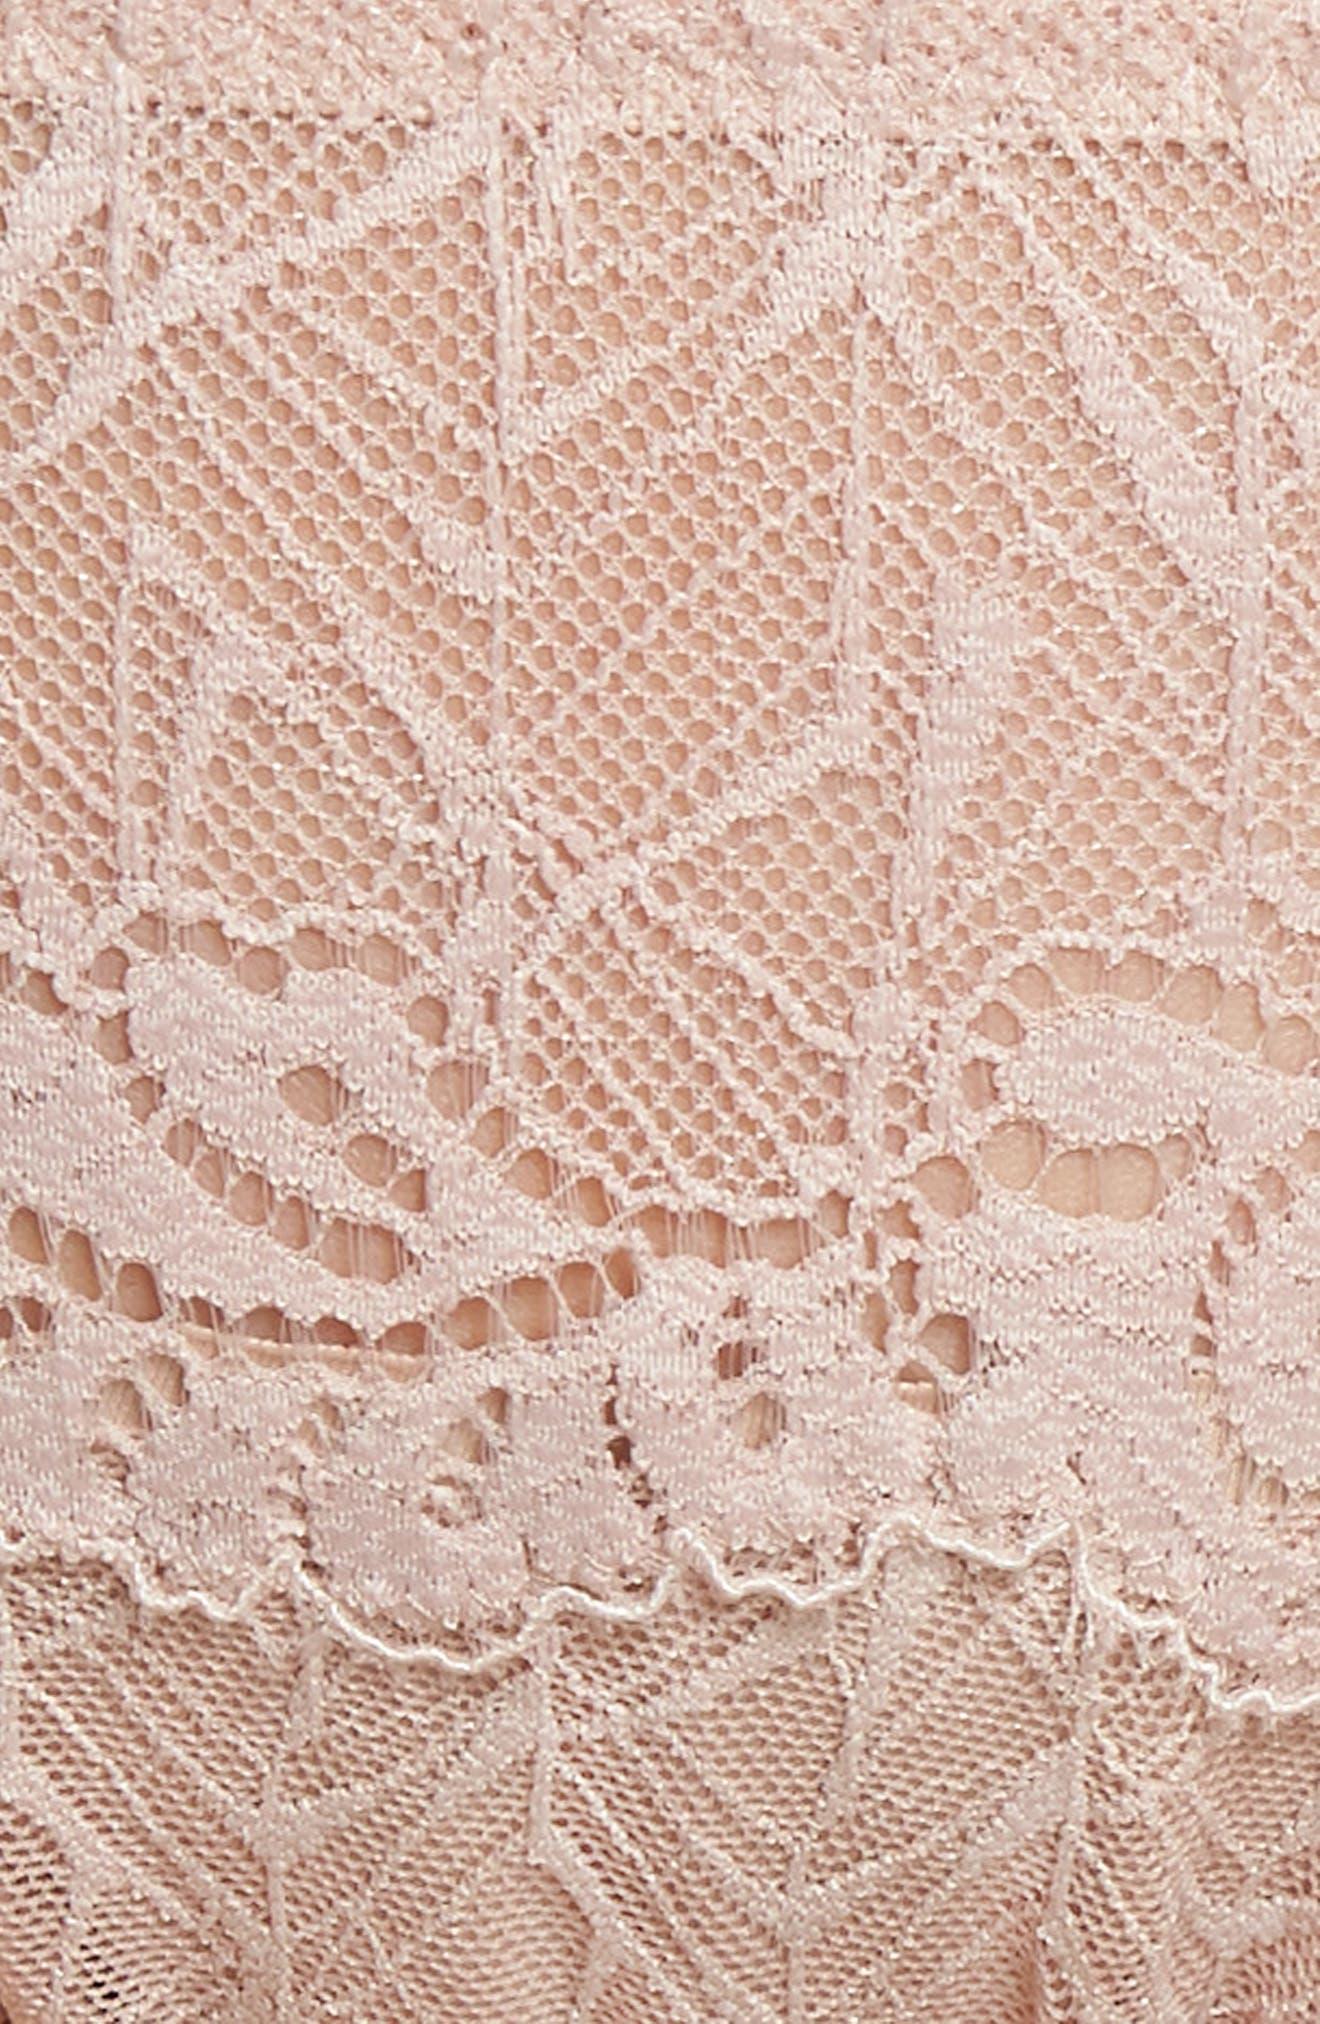 Vivid Encounter Lace Bikini,                             Alternate thumbnail 8, color,                             Rose Dust